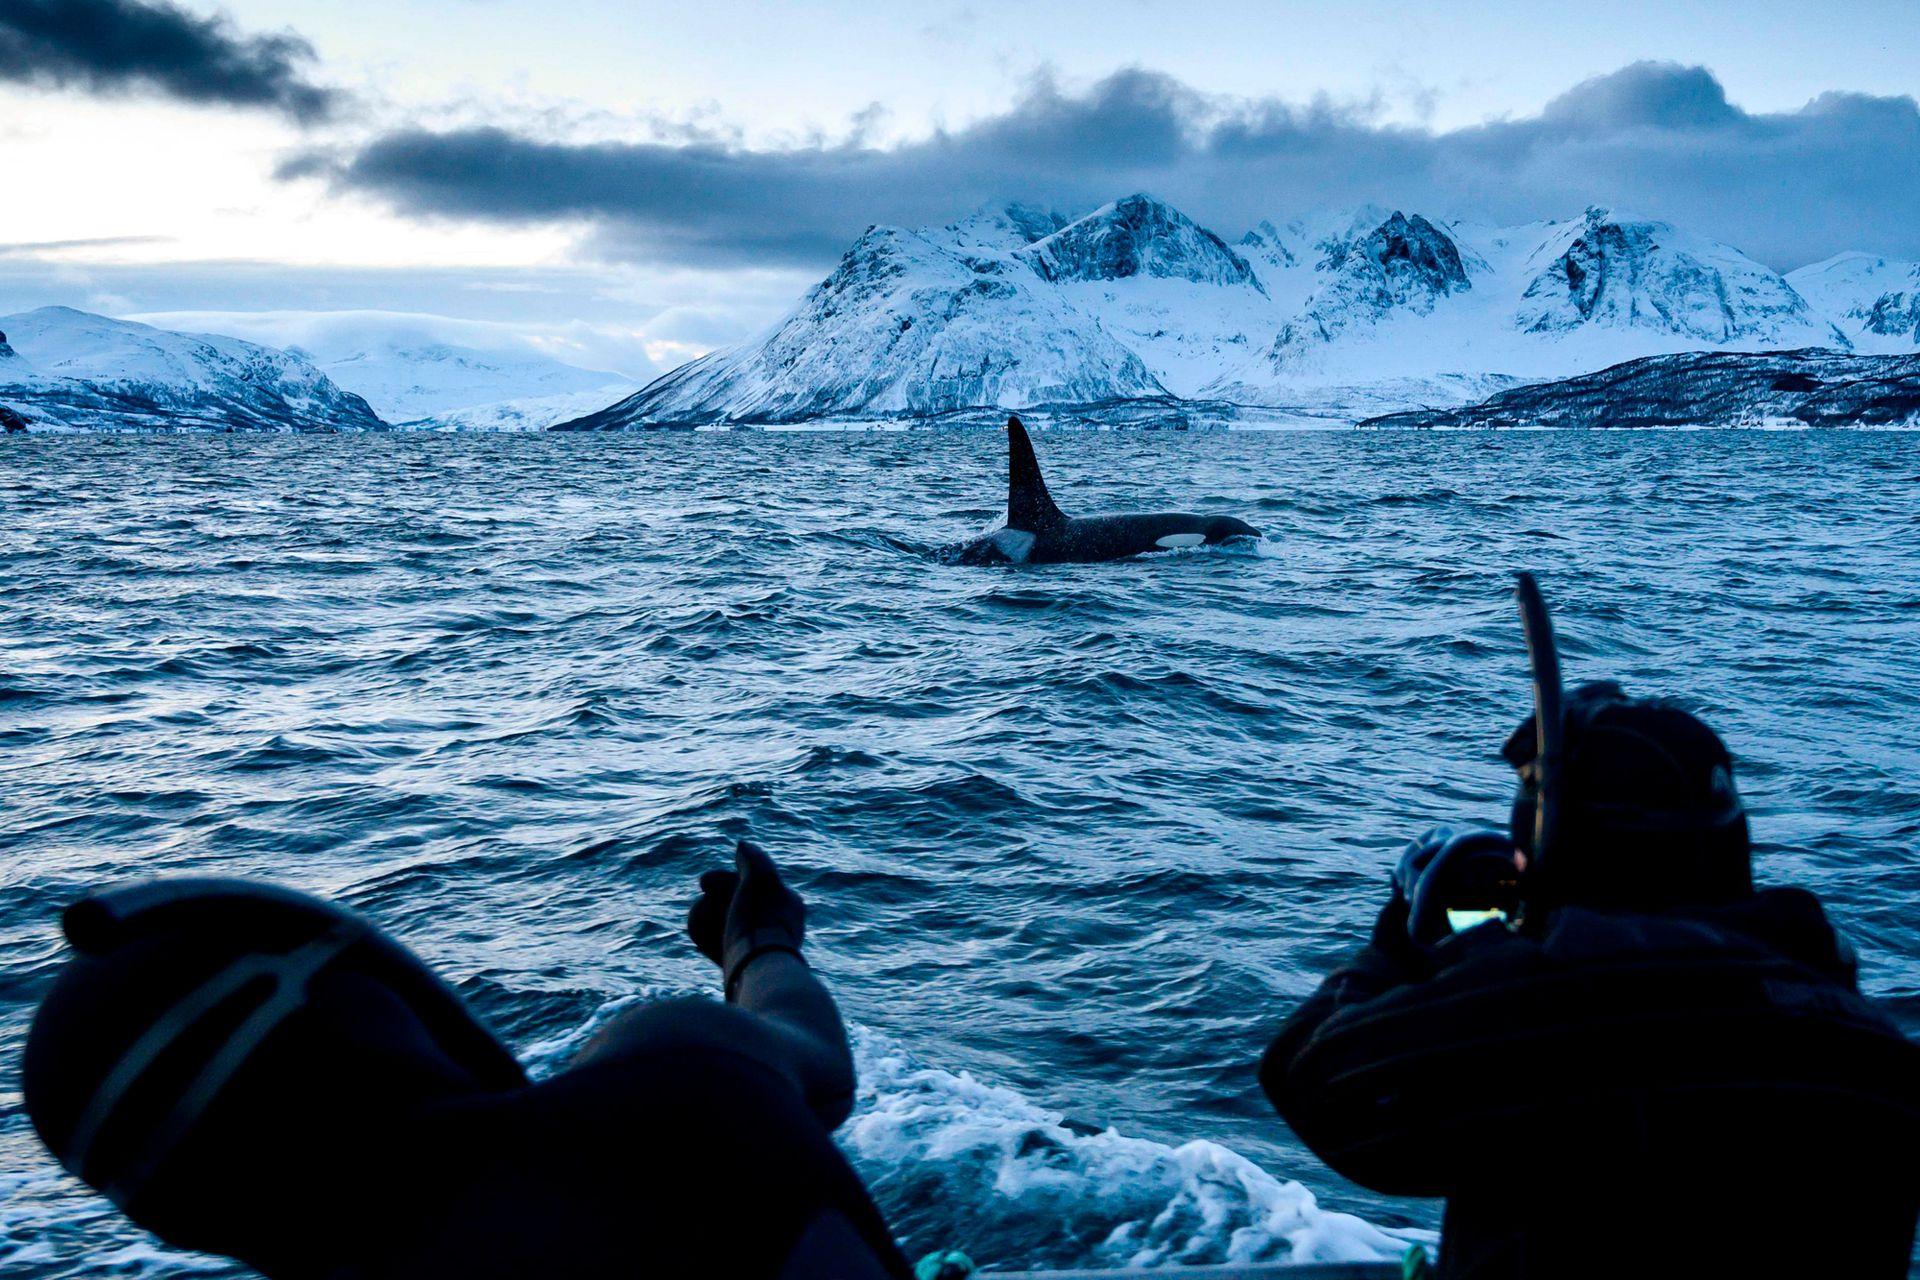 Las orcas nadan en las aguas de la región del fiordo de Reisafjorden, en el Círculo polar ártico, el 13 de enero